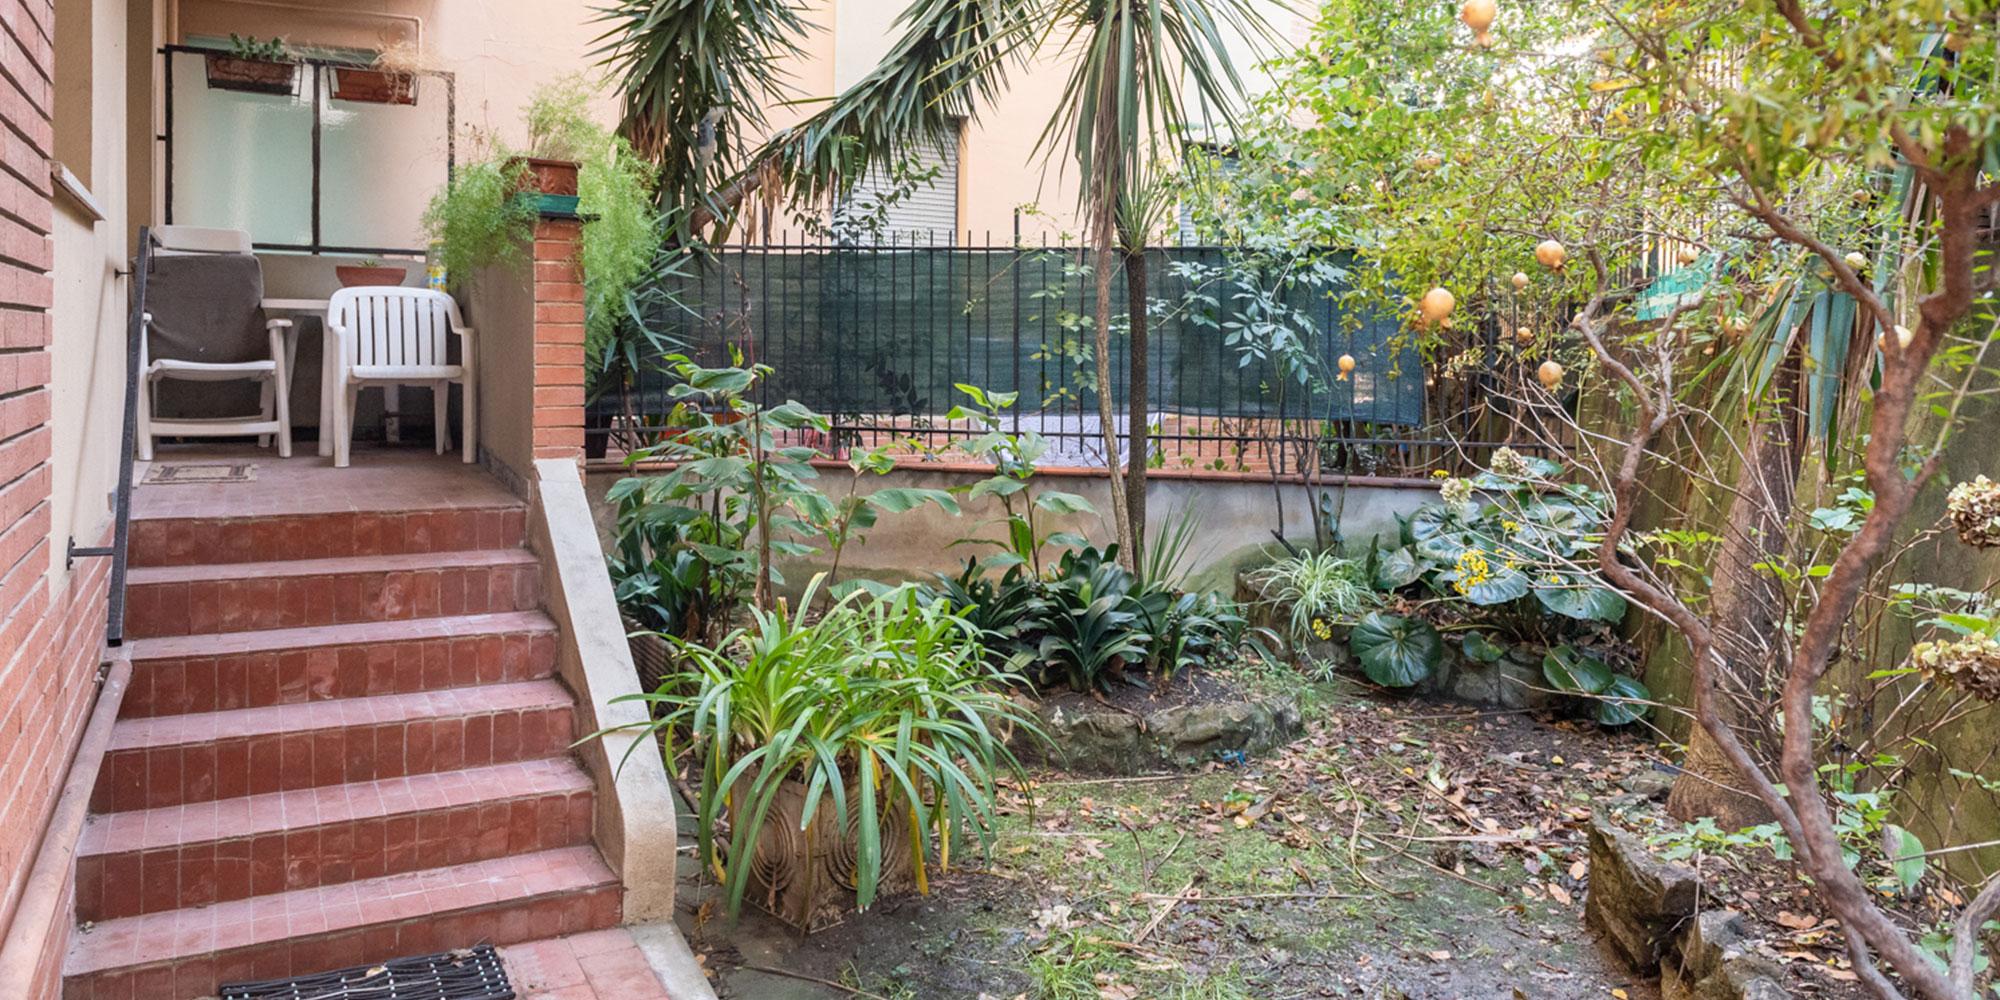 Quarto (Priaruggia) 7 vani con giardino e posto auto